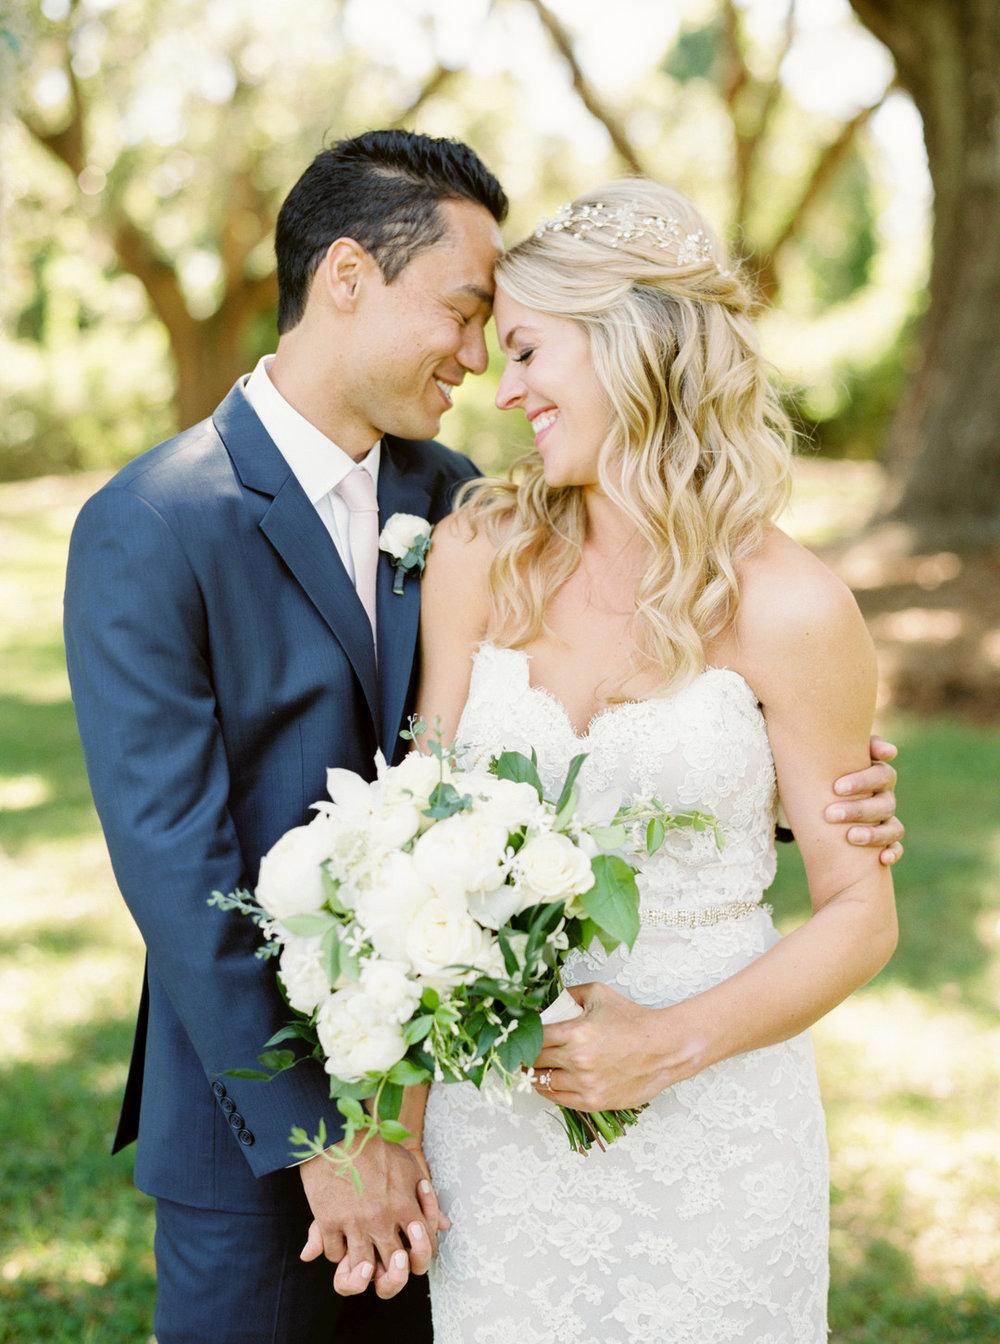 boone-hall-plantation-wedding-21.jpg